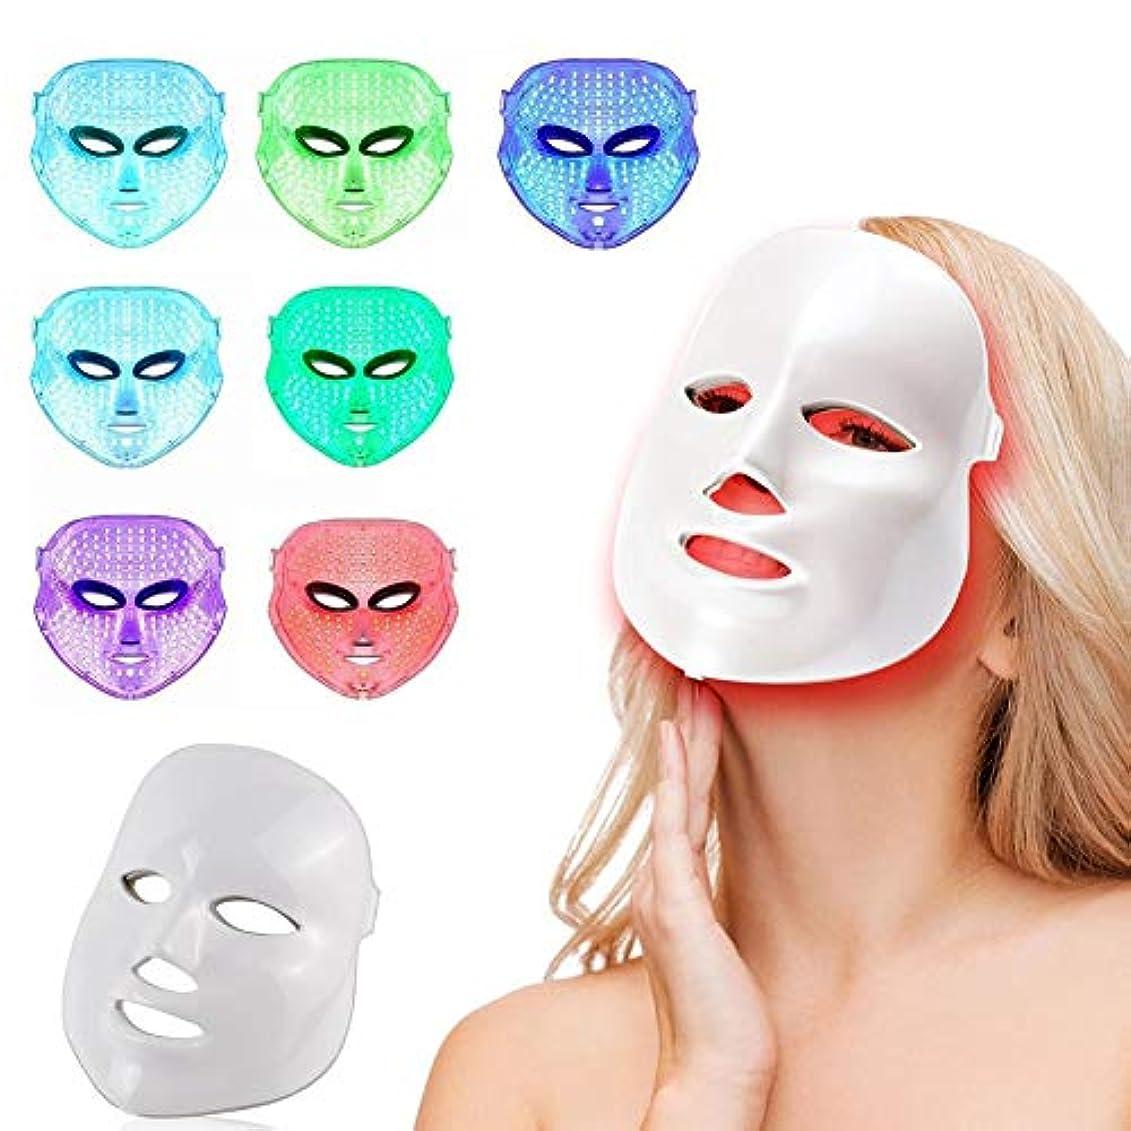 反対に許容できる救急車7色LEDフェイスマスク、健康な肌の若返りのための光子光療法、フェイシャルスキンケア、アンチエイジングビューティー